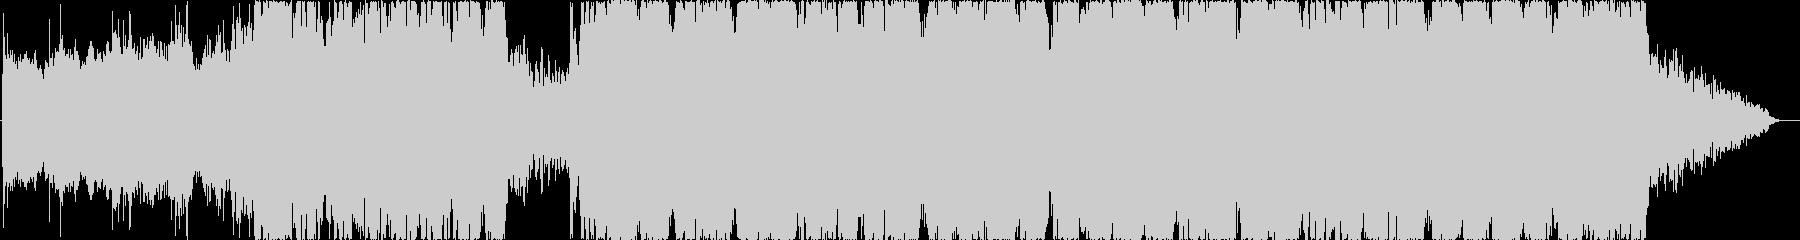 暗い雰囲気のシンフォニックの未再生の波形